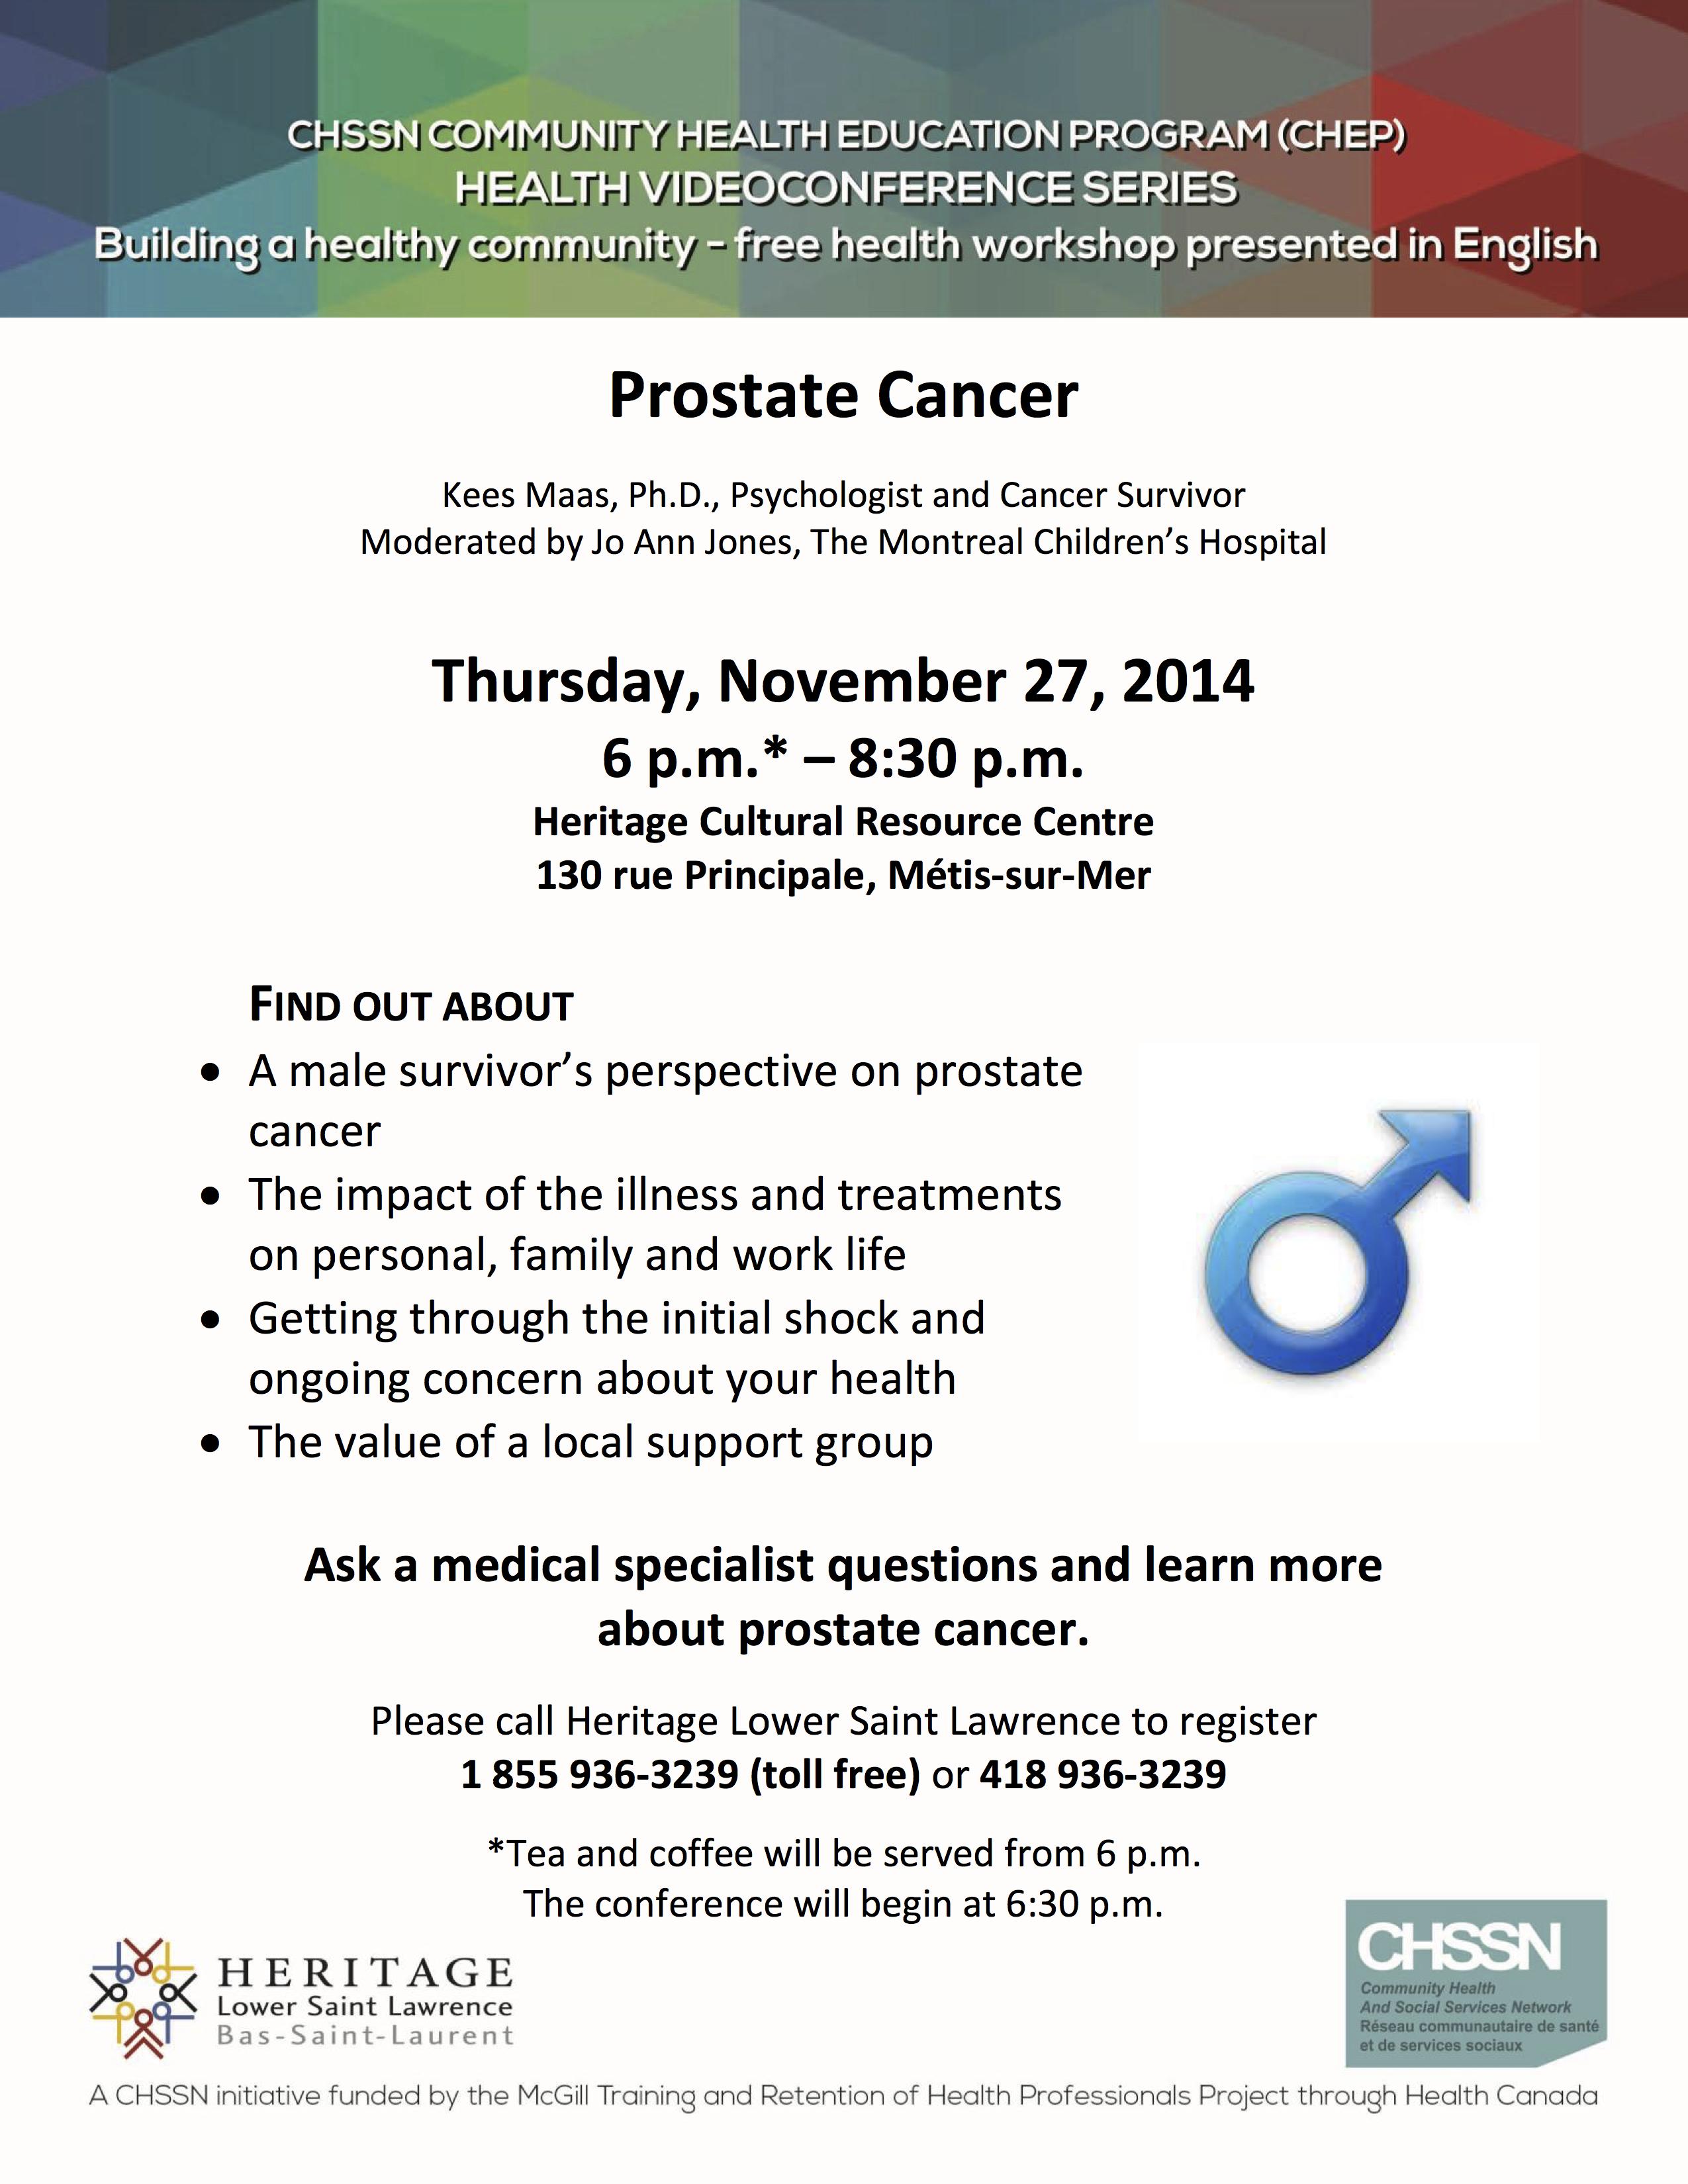 HLSL-CHEP-Nov 2014-Prostate Cancer EN